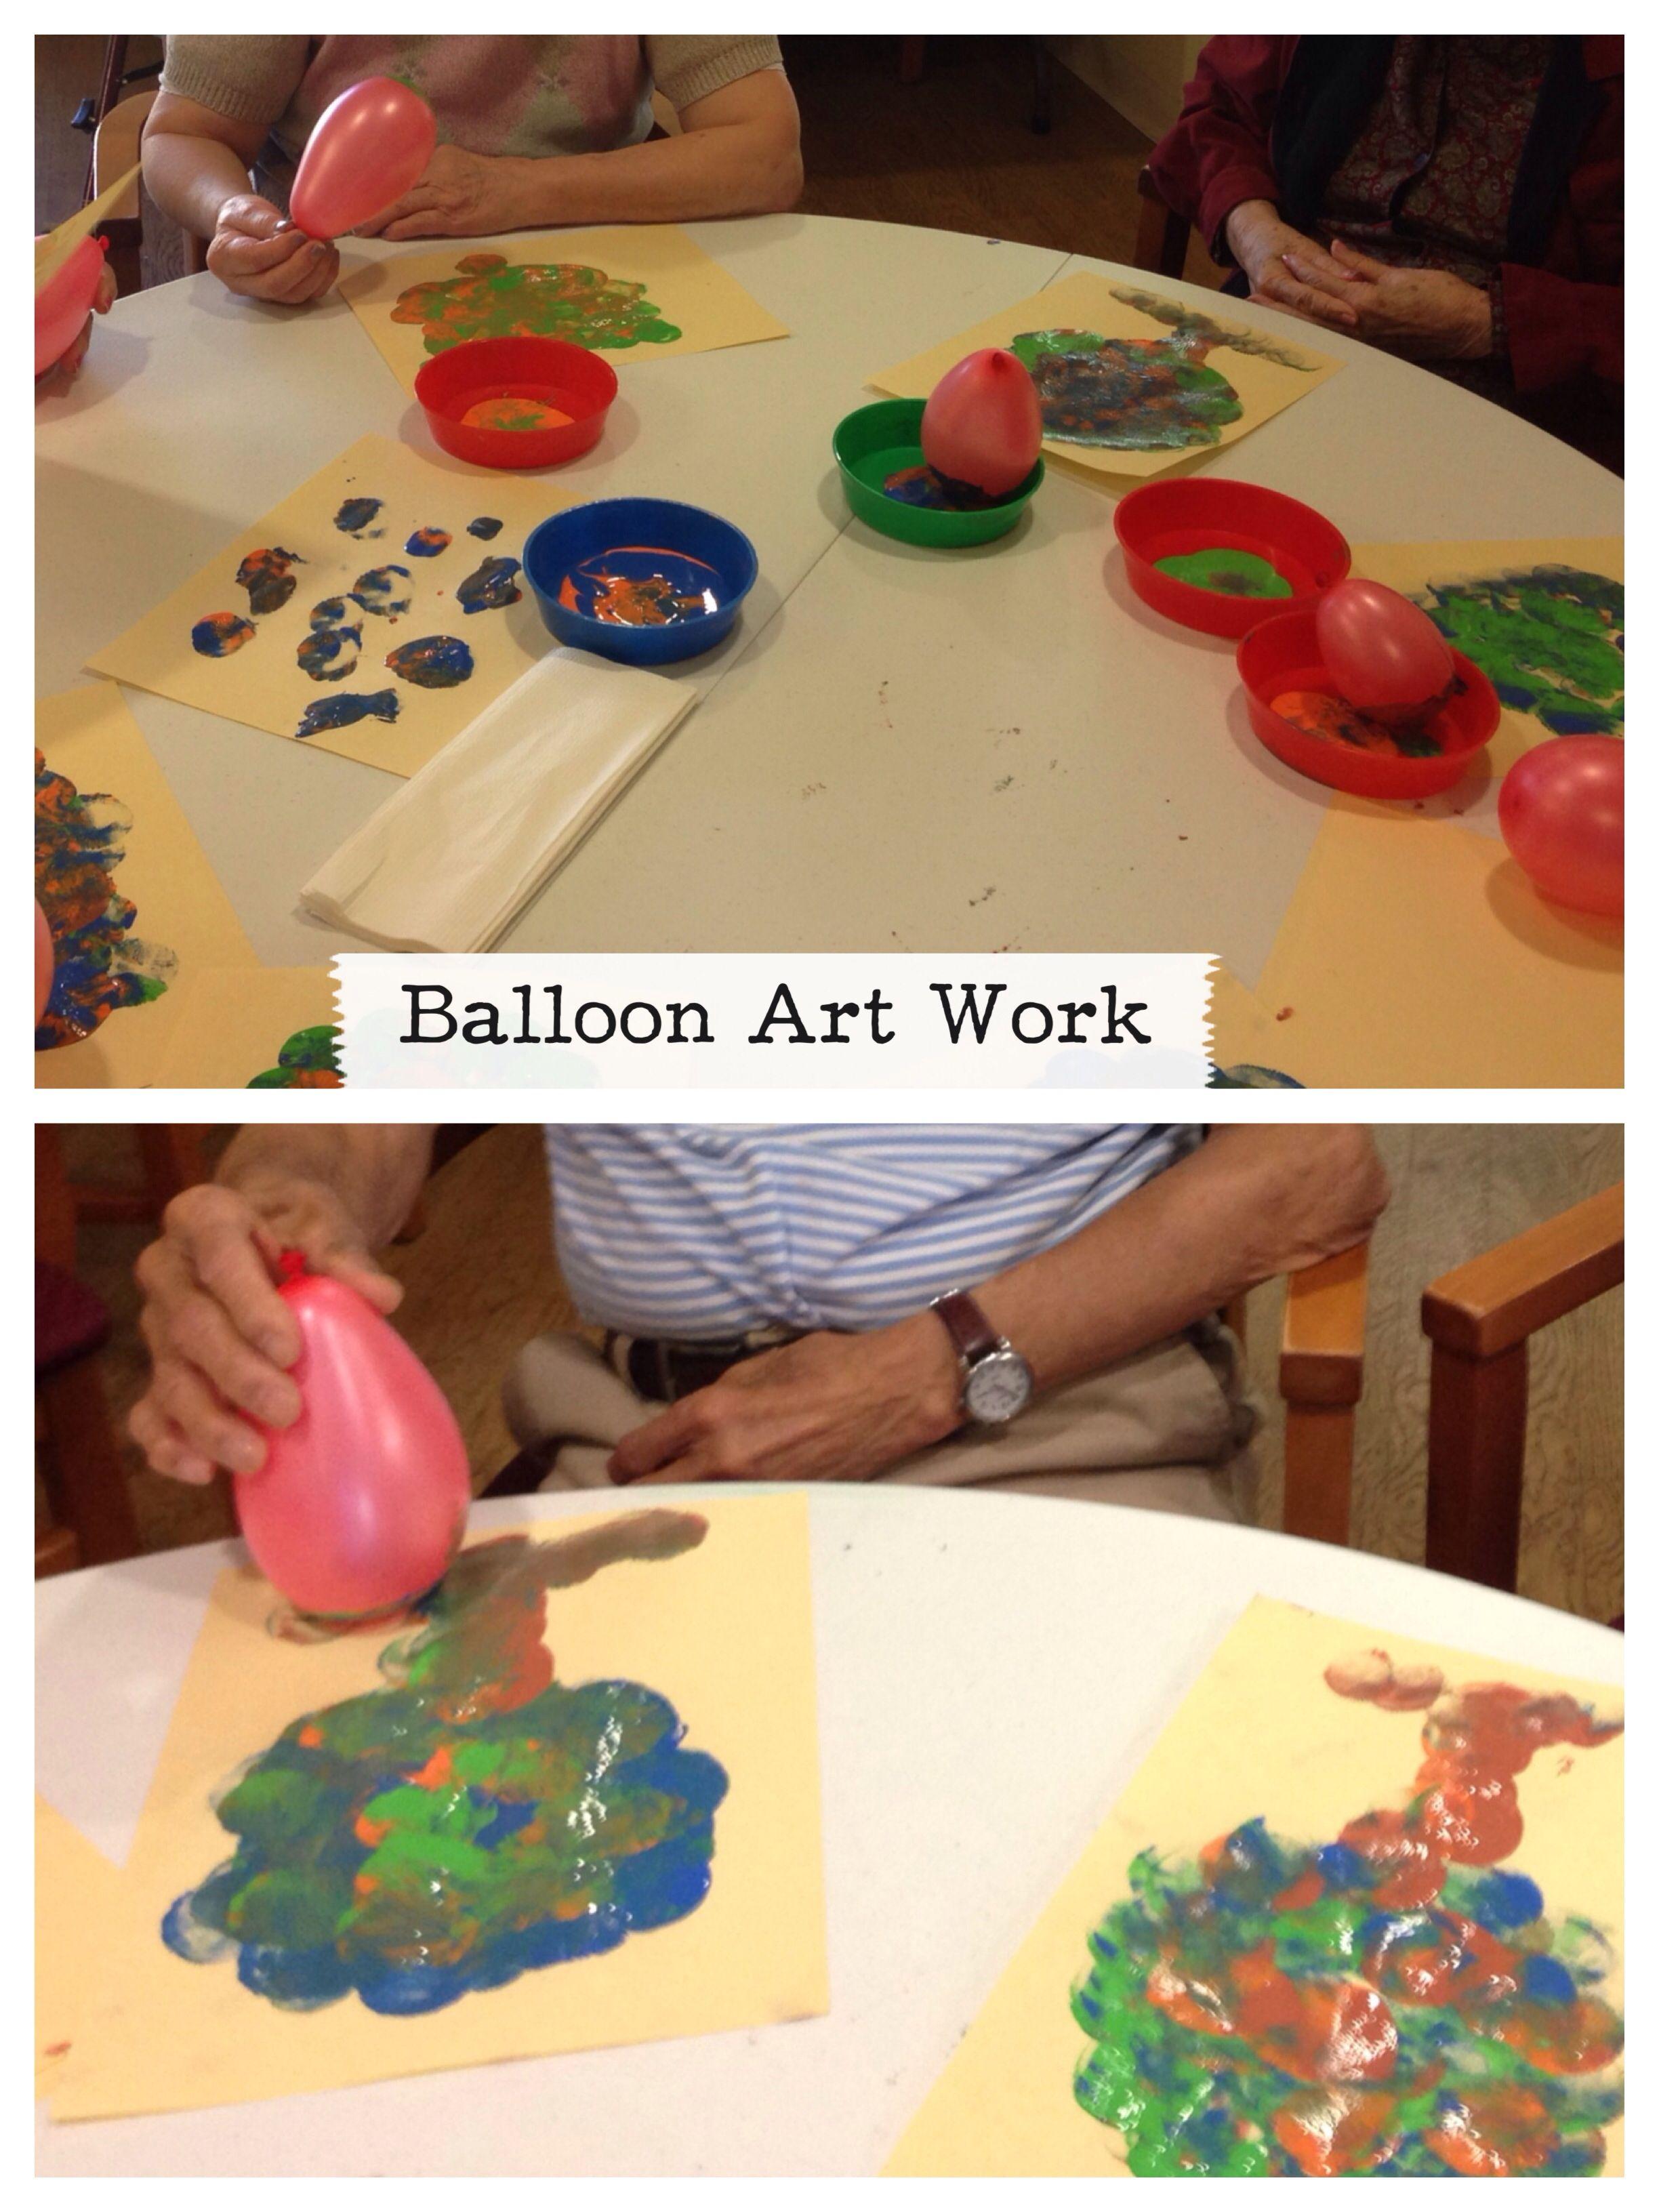 Paint Art using Balloon instead of brush Balloon art